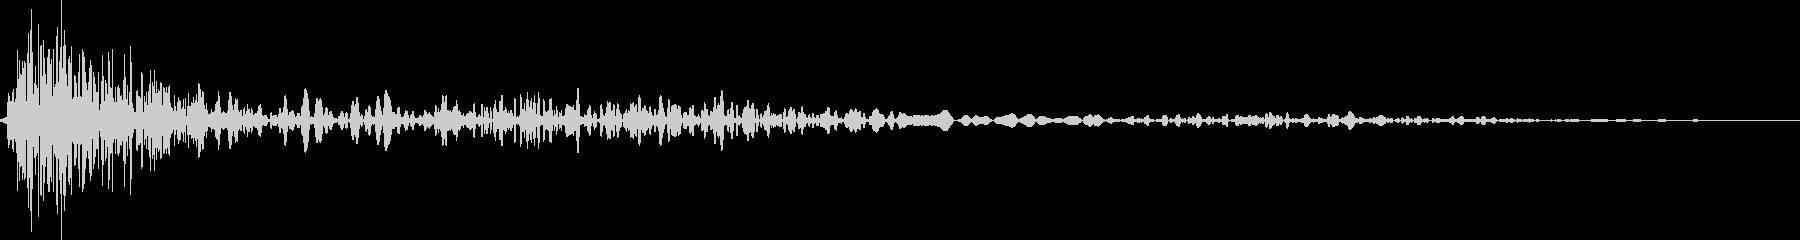 シンセで作った着地音の未再生の波形